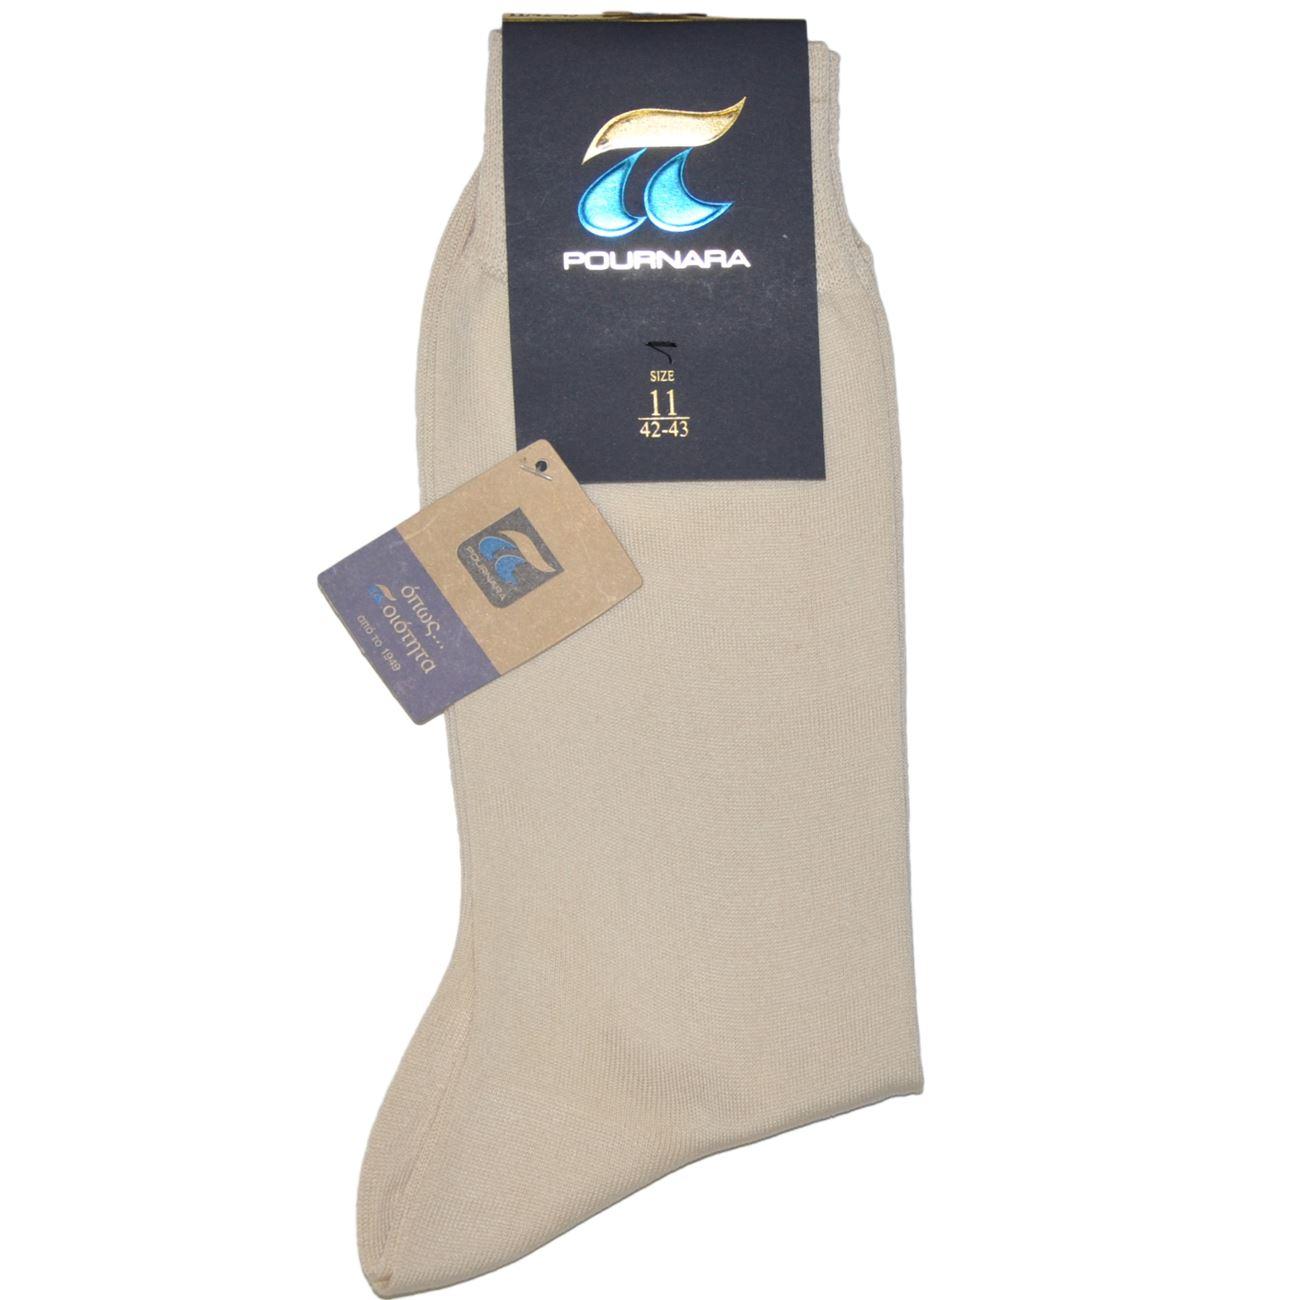 ΠΟΥΡΝΑΡΑ Πουρνάρα Ανδρικές Κάλτσες Βαμβακερές Εκρού - Glami.gr 4a3e75ad02e